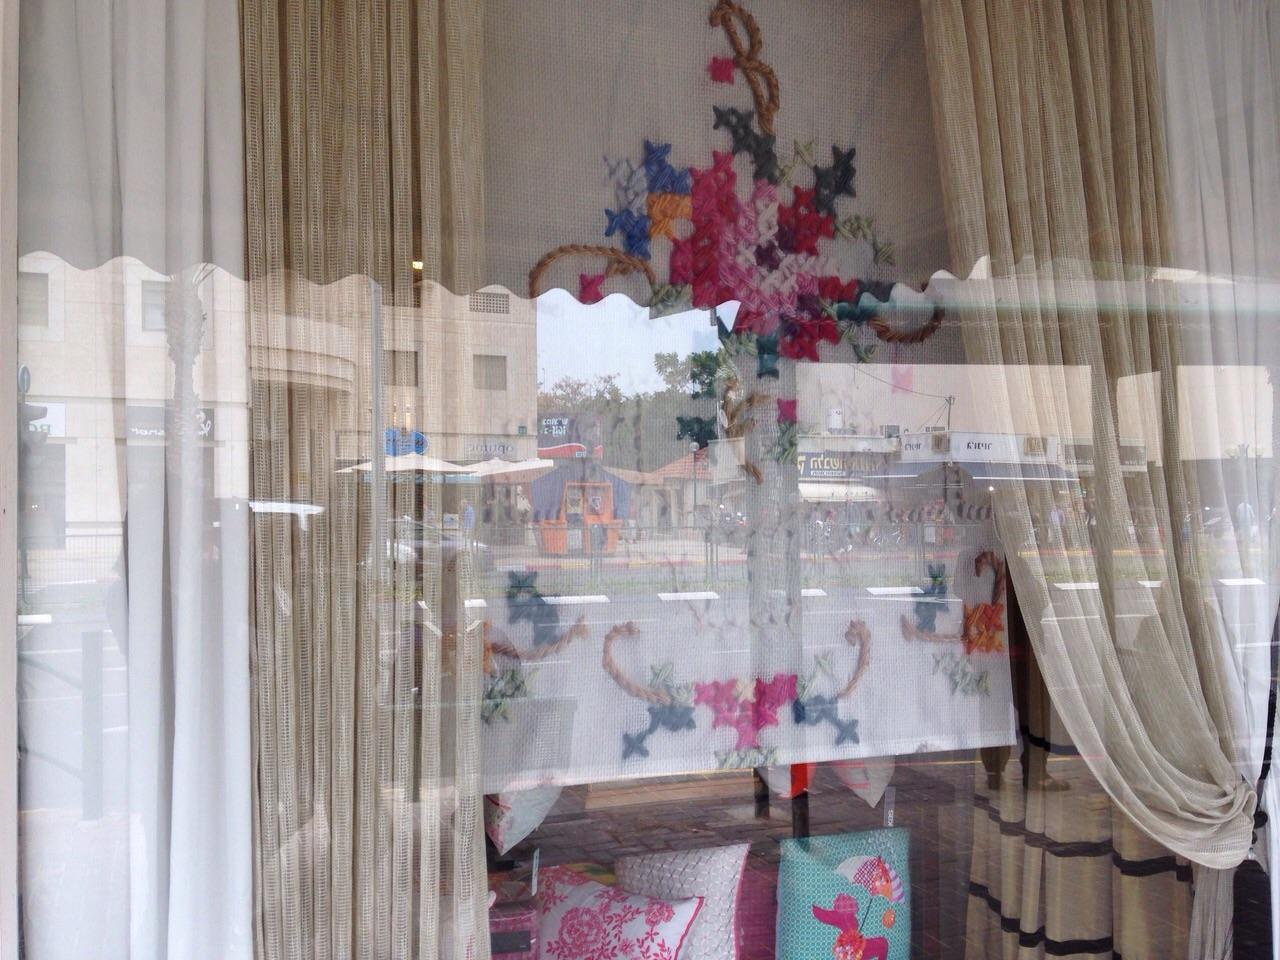 הוילון מקשט את חלון הראווה של חנות רוזבד ברעננה